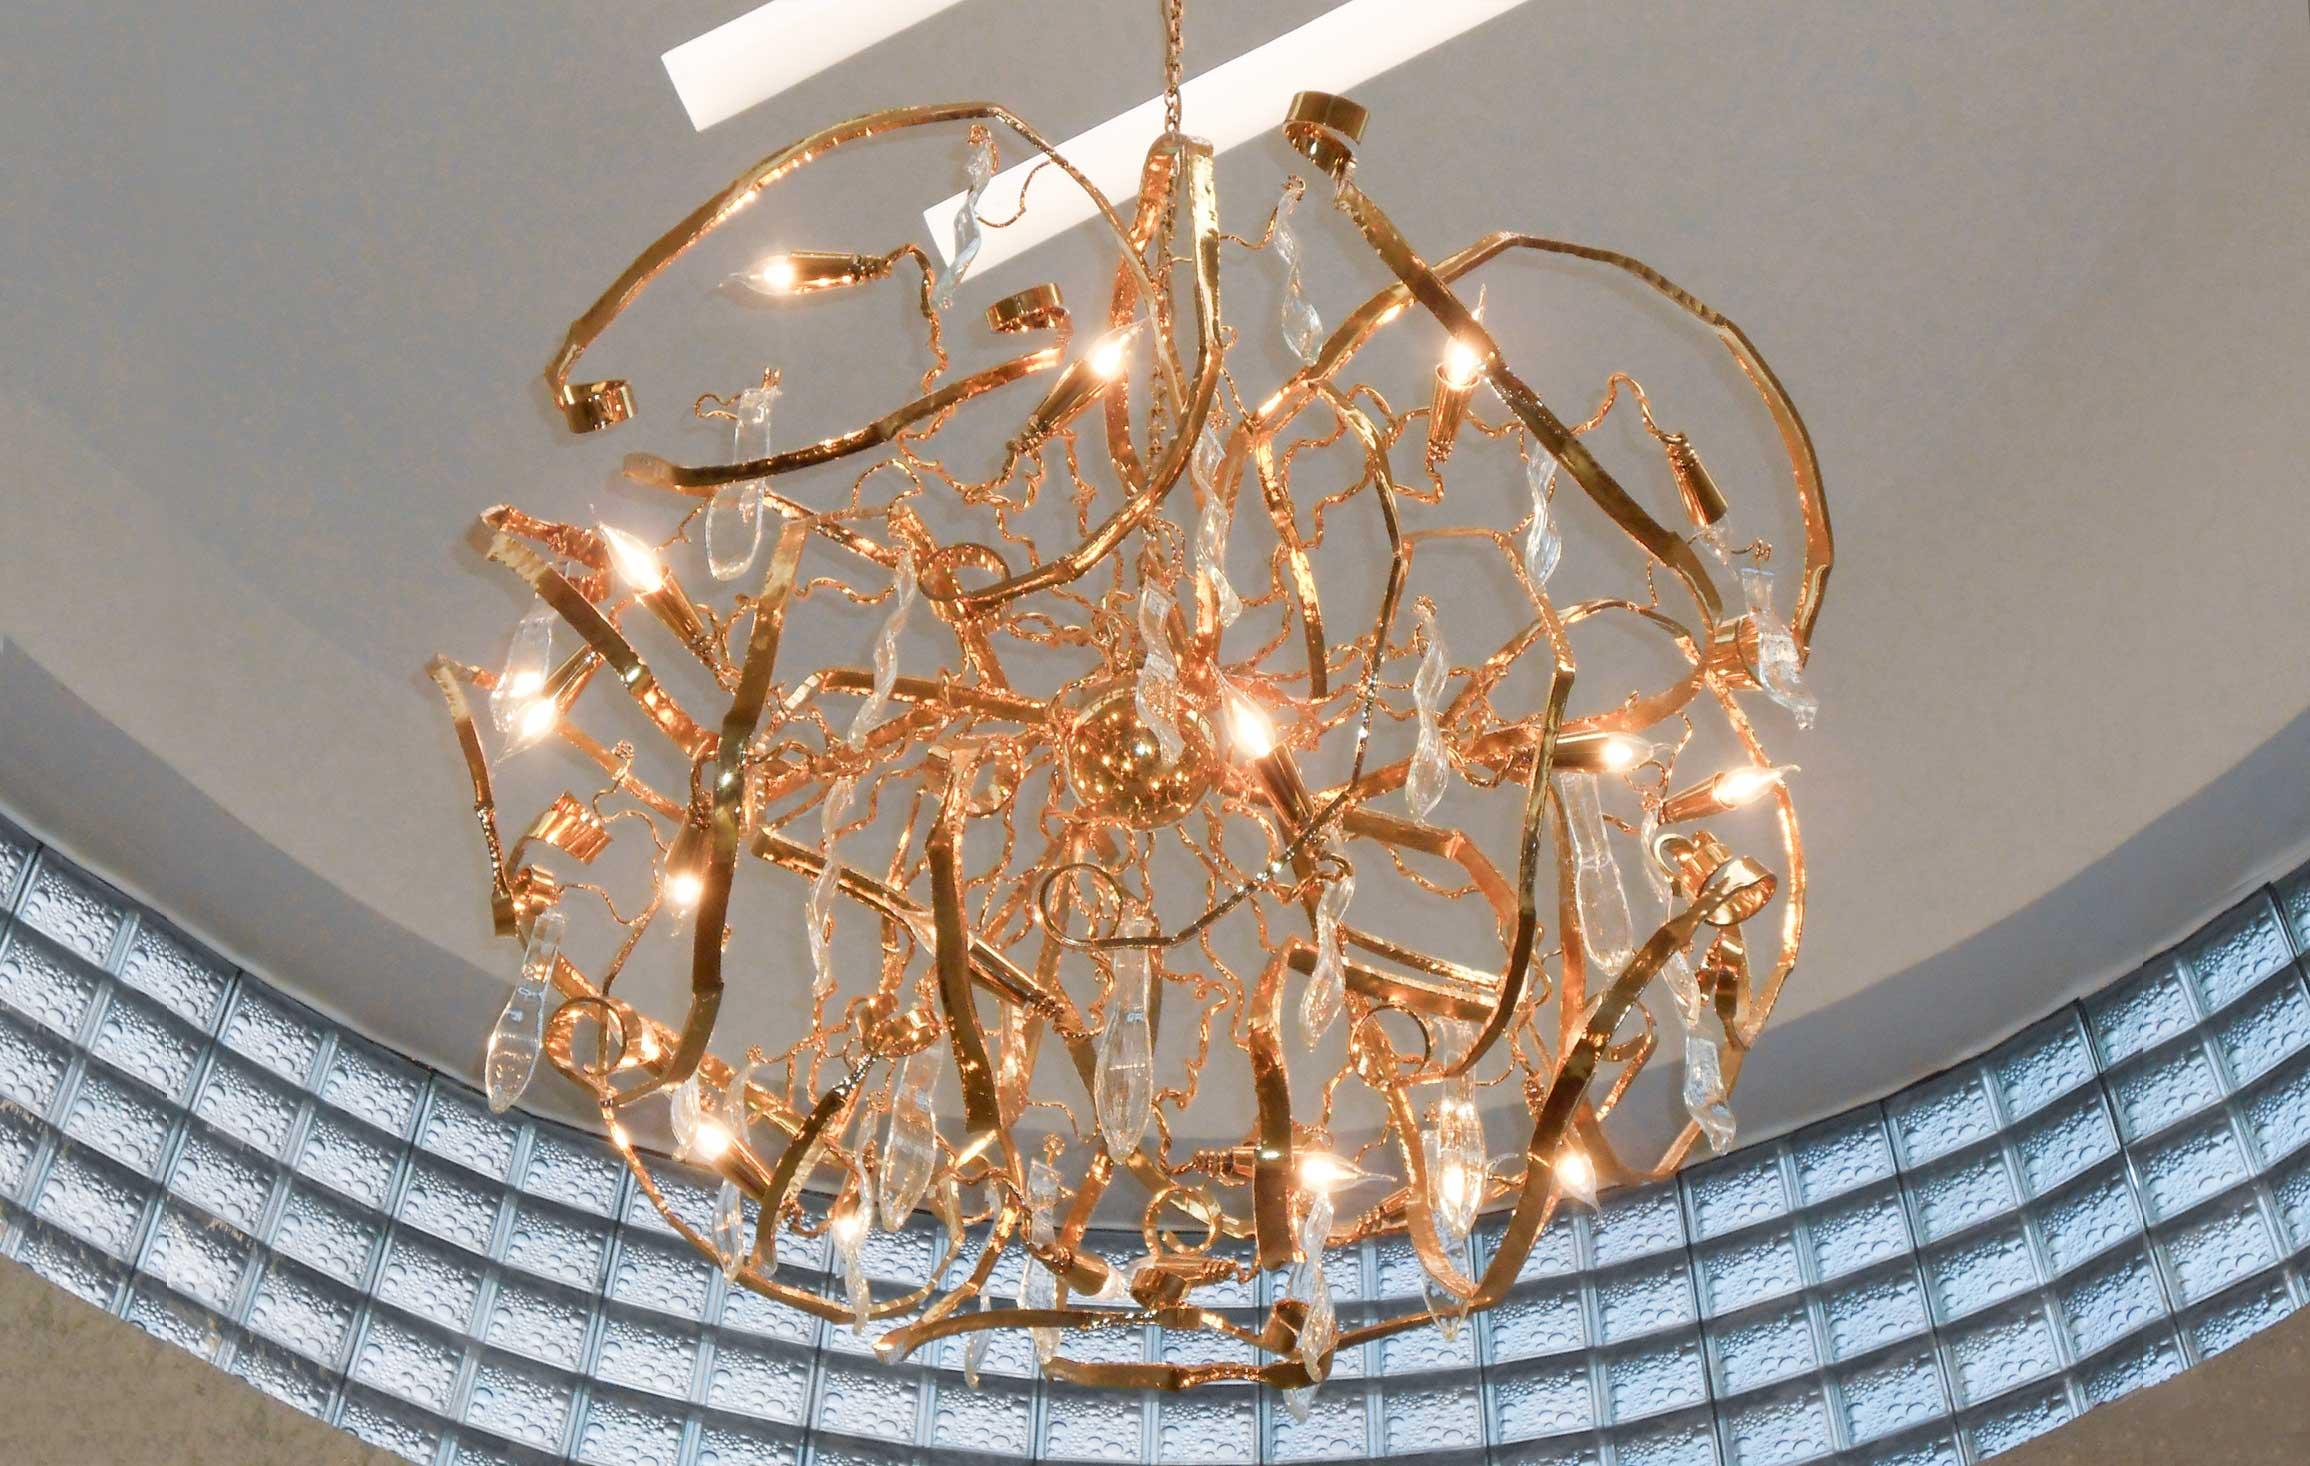 Brand Van Egmond - Asco Lights